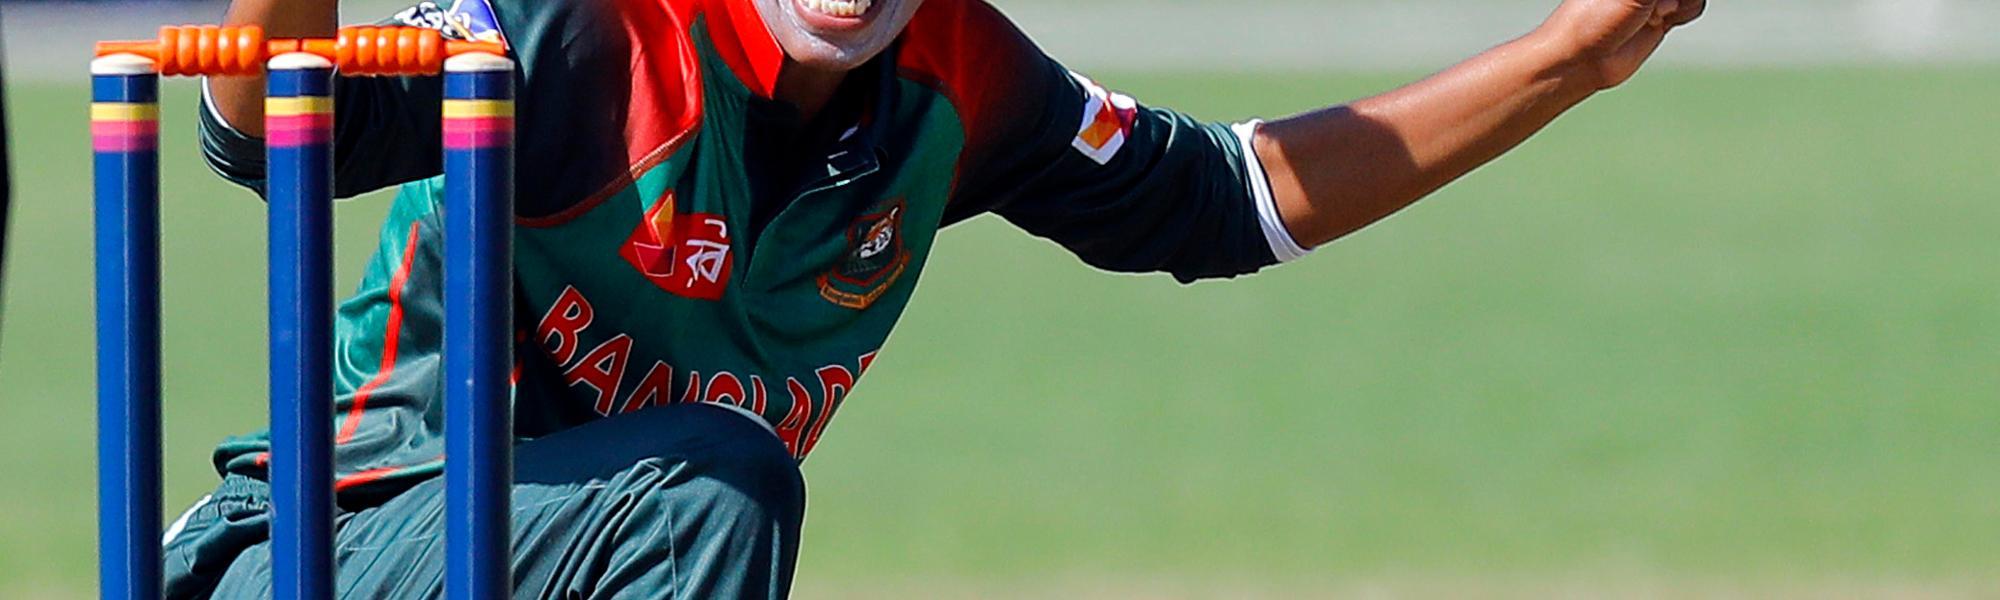 Match 7: Bangladesh Bowler Fahima Khatun appeals for a LBW, Netherlands Women v Bangladesh Women, Group B, ICC Women's World Twenty20 Qualifier at Utrecht, 8th July 2018.